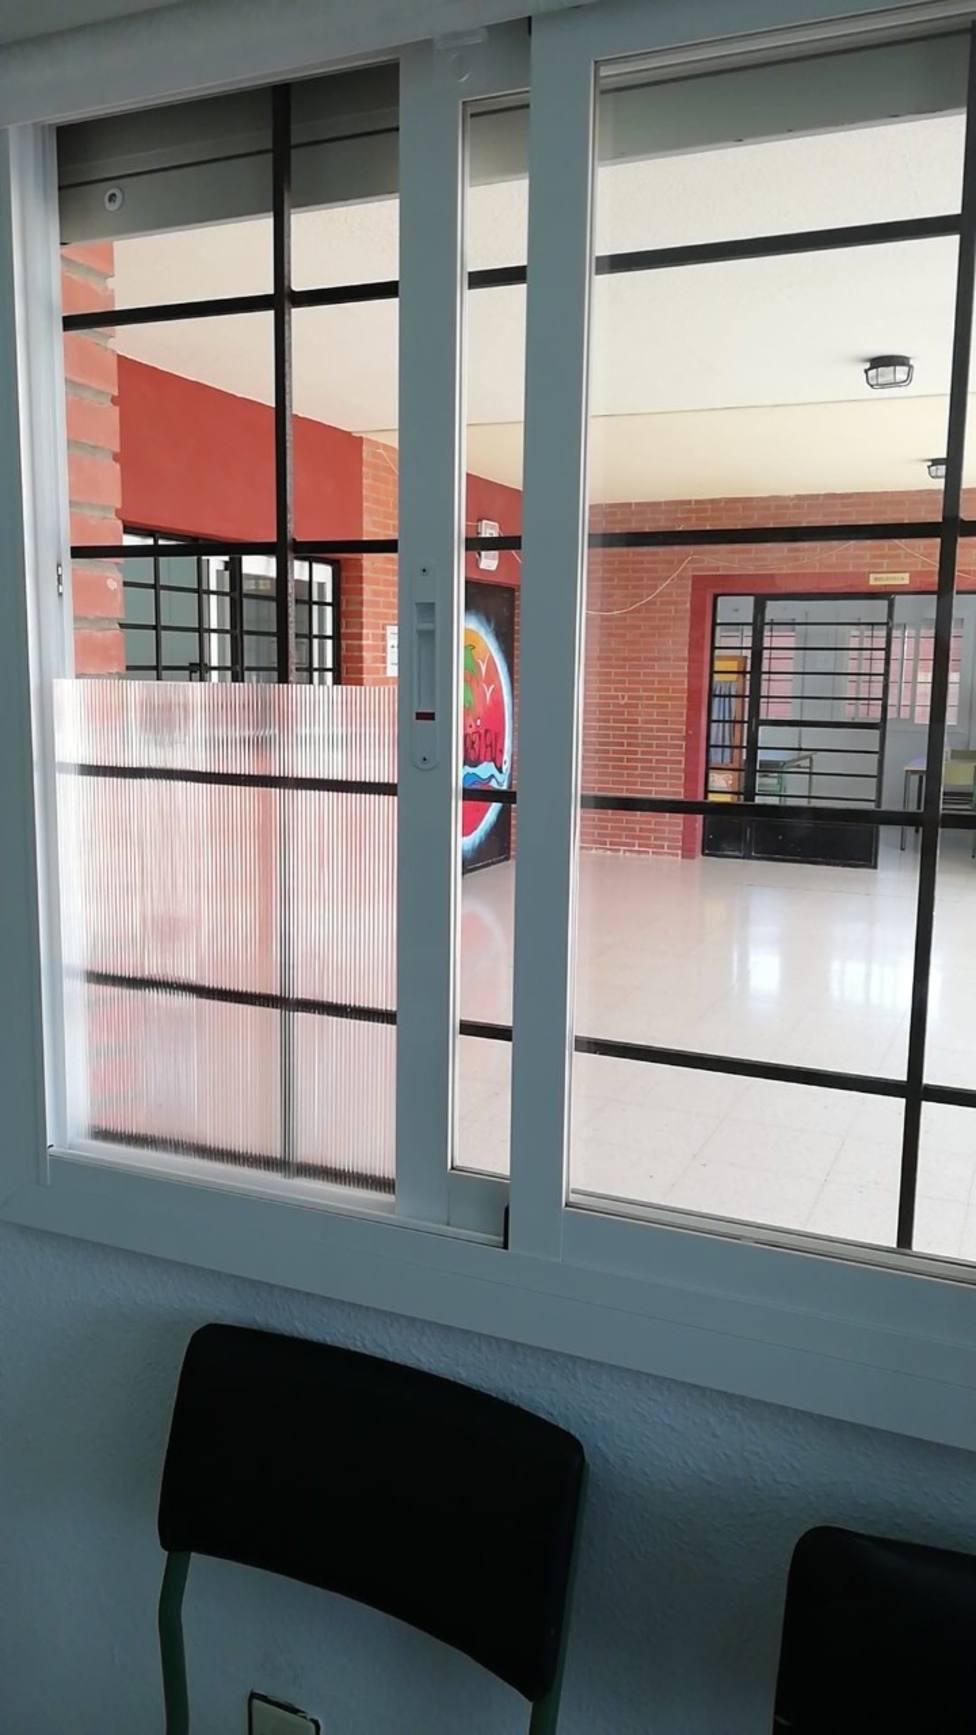 El Ayuntamiento comienza la colocación de placas de policarbonato en las ventanas de los Centros Educativos